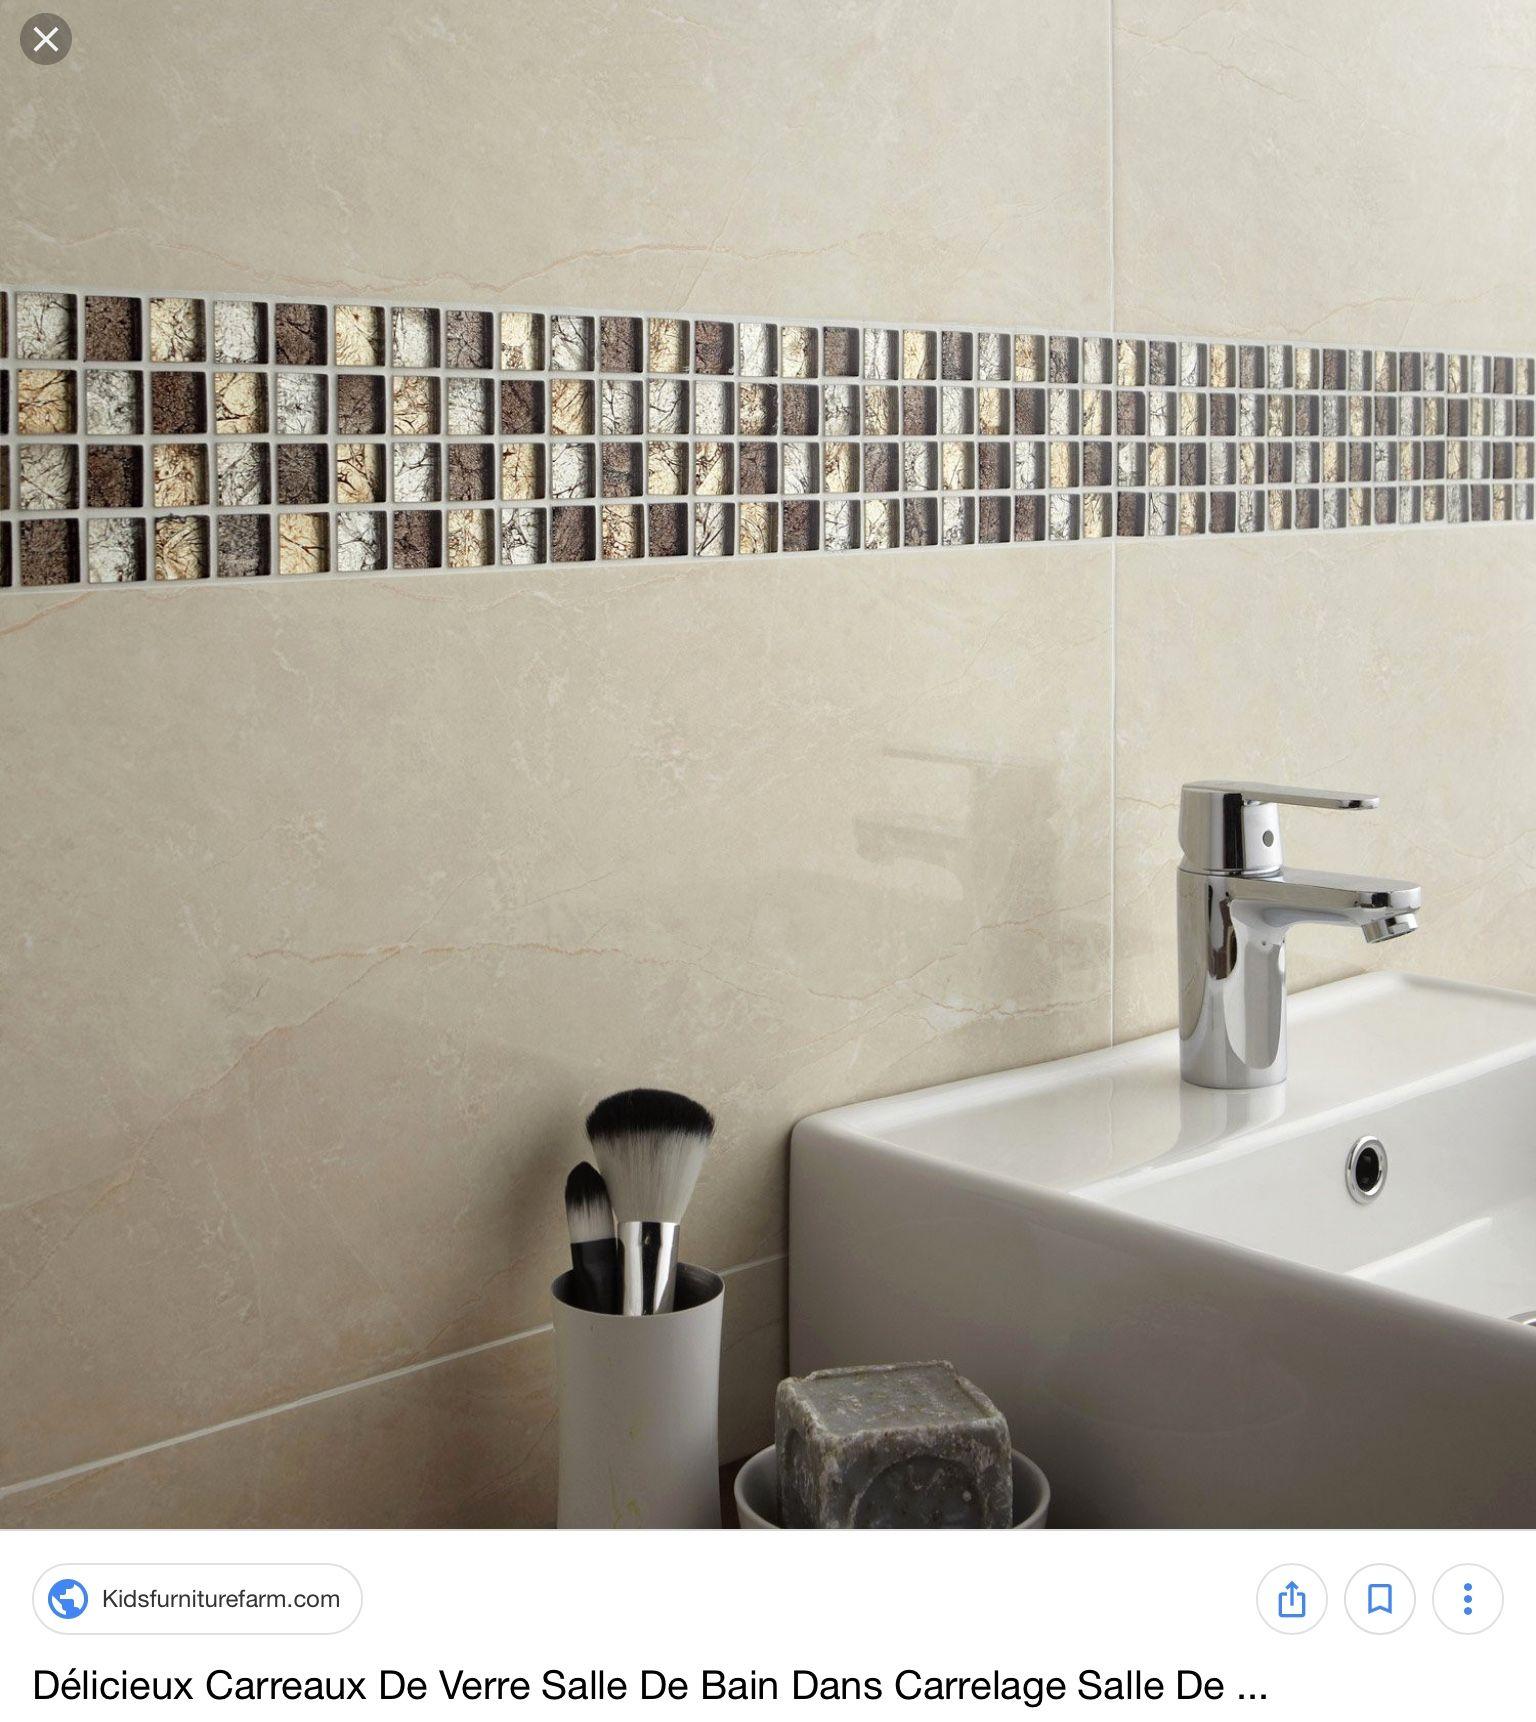 Mosaique En Travertin 30 5 X 30 5 Cm Venicies Carrelage Salle De Bain Faience Salle De Bain Mosaique Salle De Bain